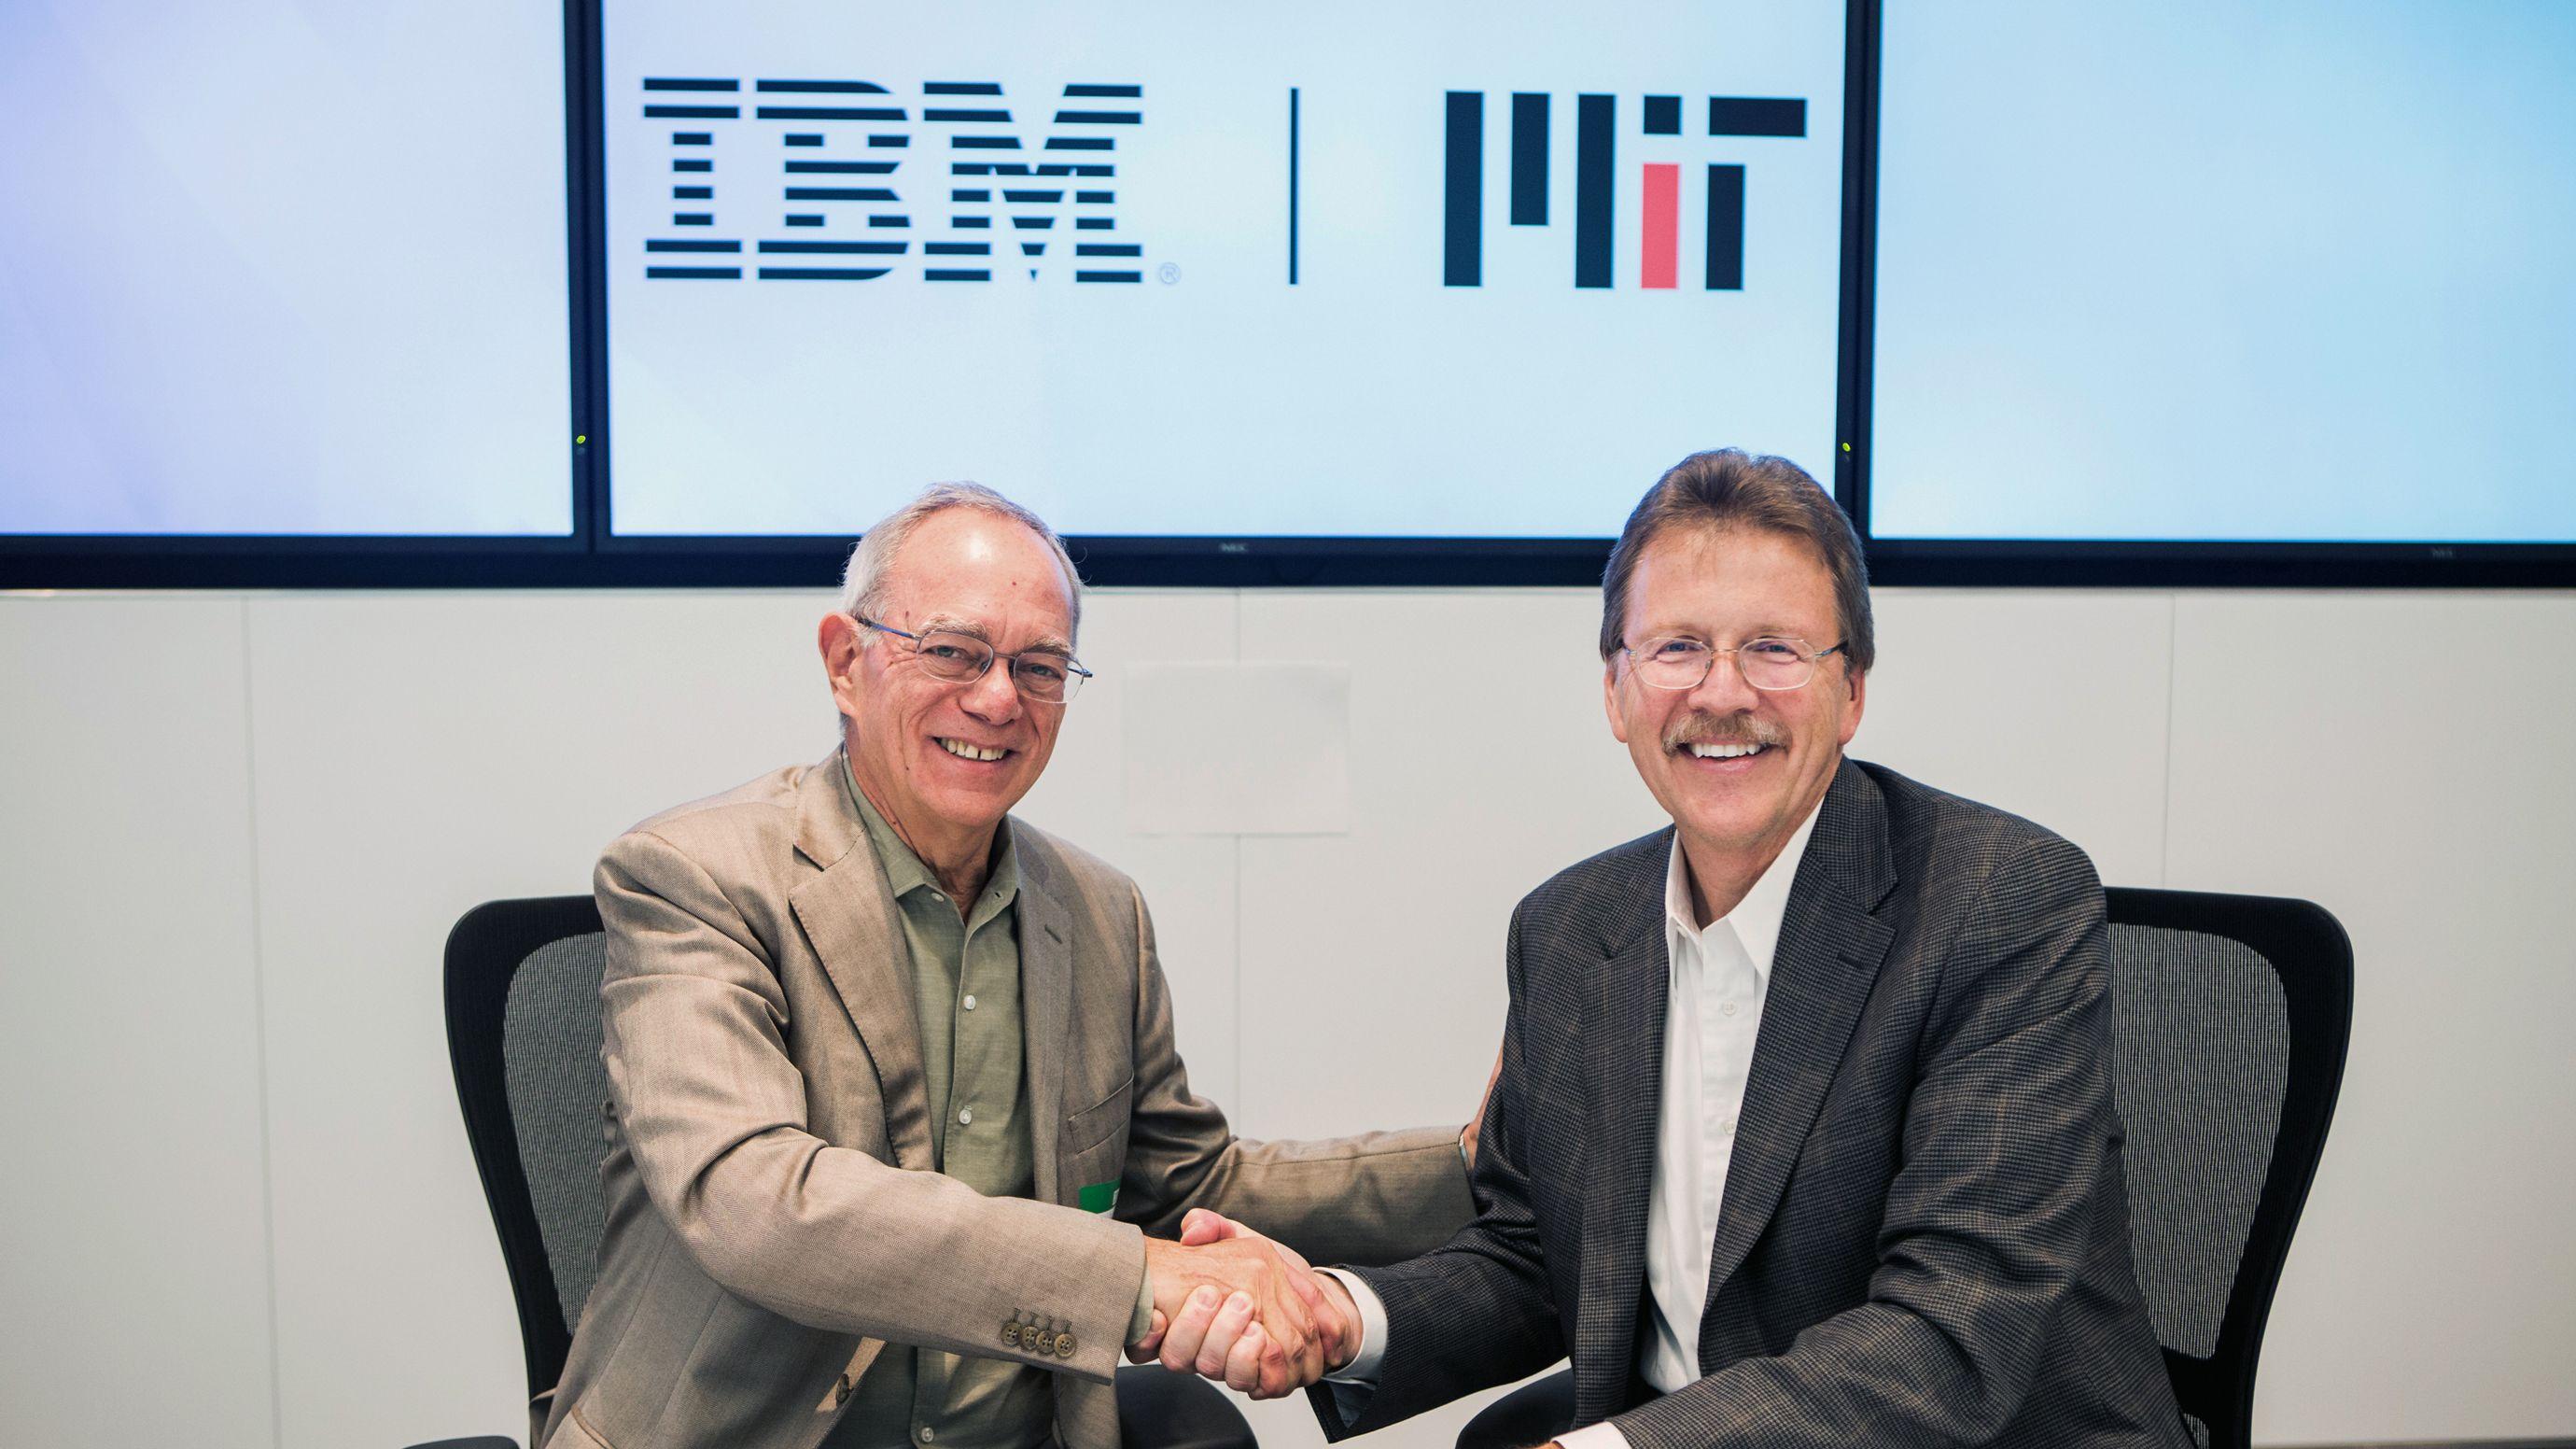 MITとの提携でIBMは再び輝けるのか?